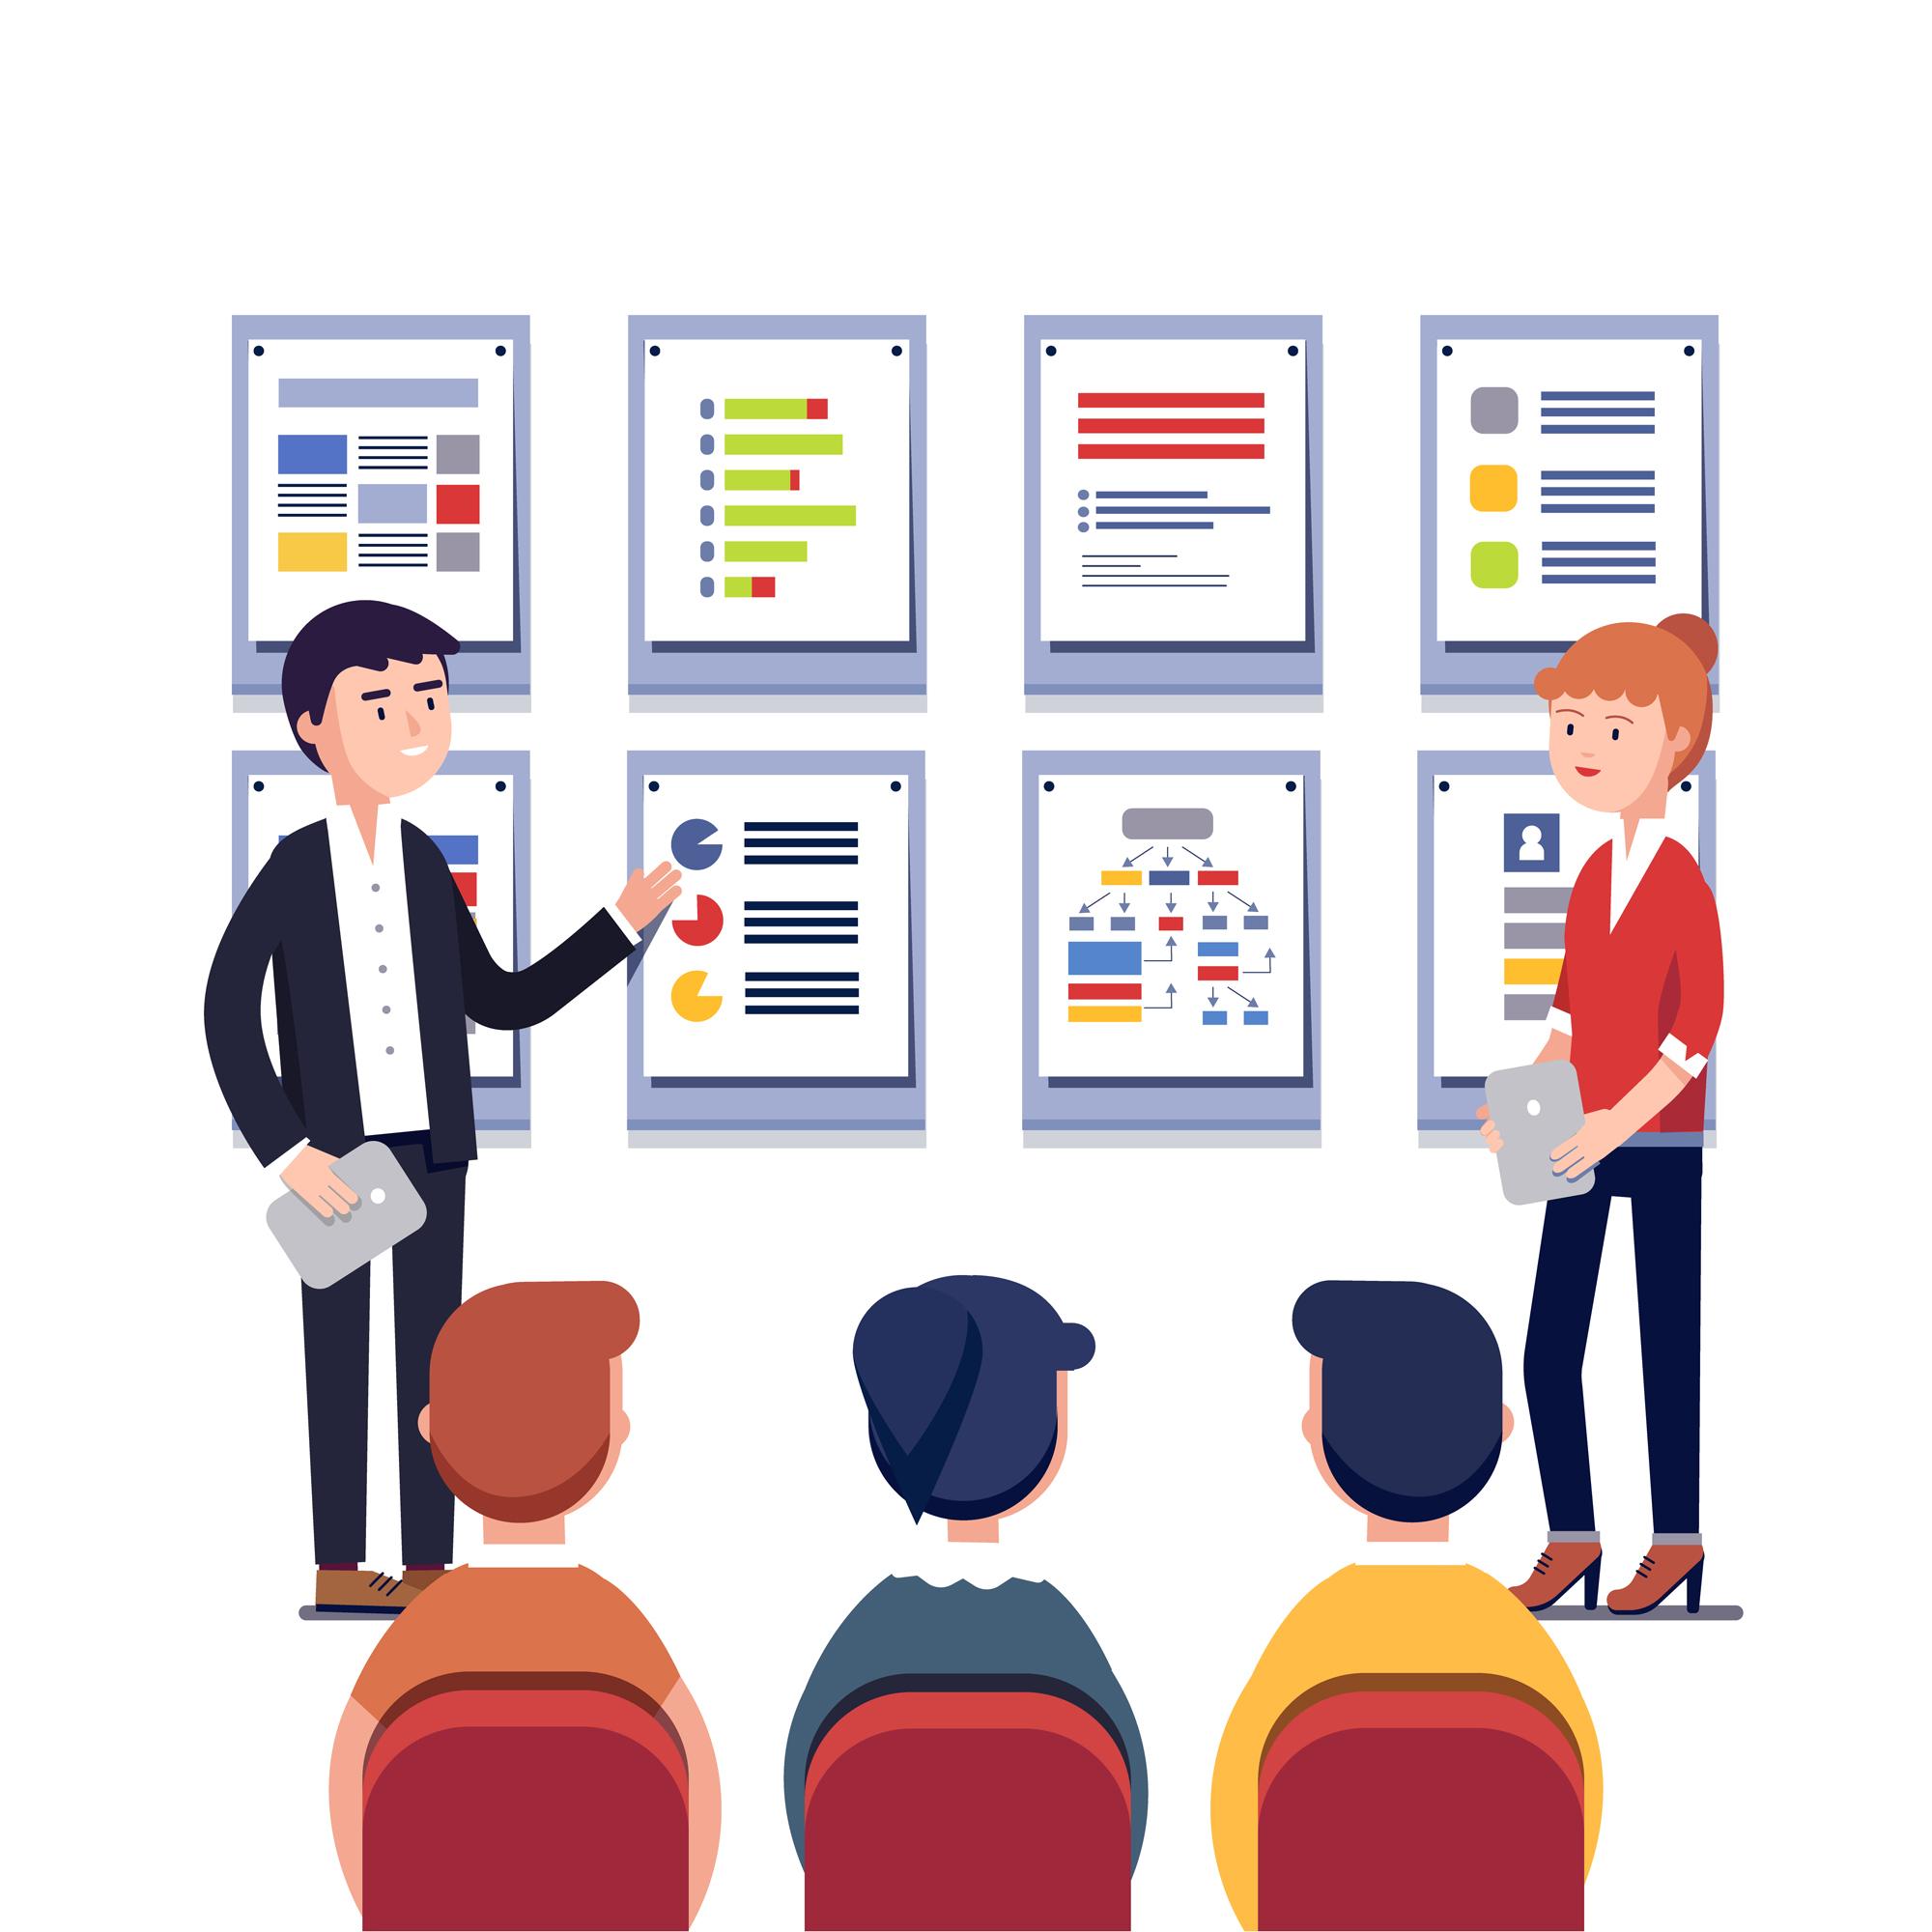 Qu es la oficina de gesti n de proyectos for Importancia de la oficina dentro de la empresa wikipedia